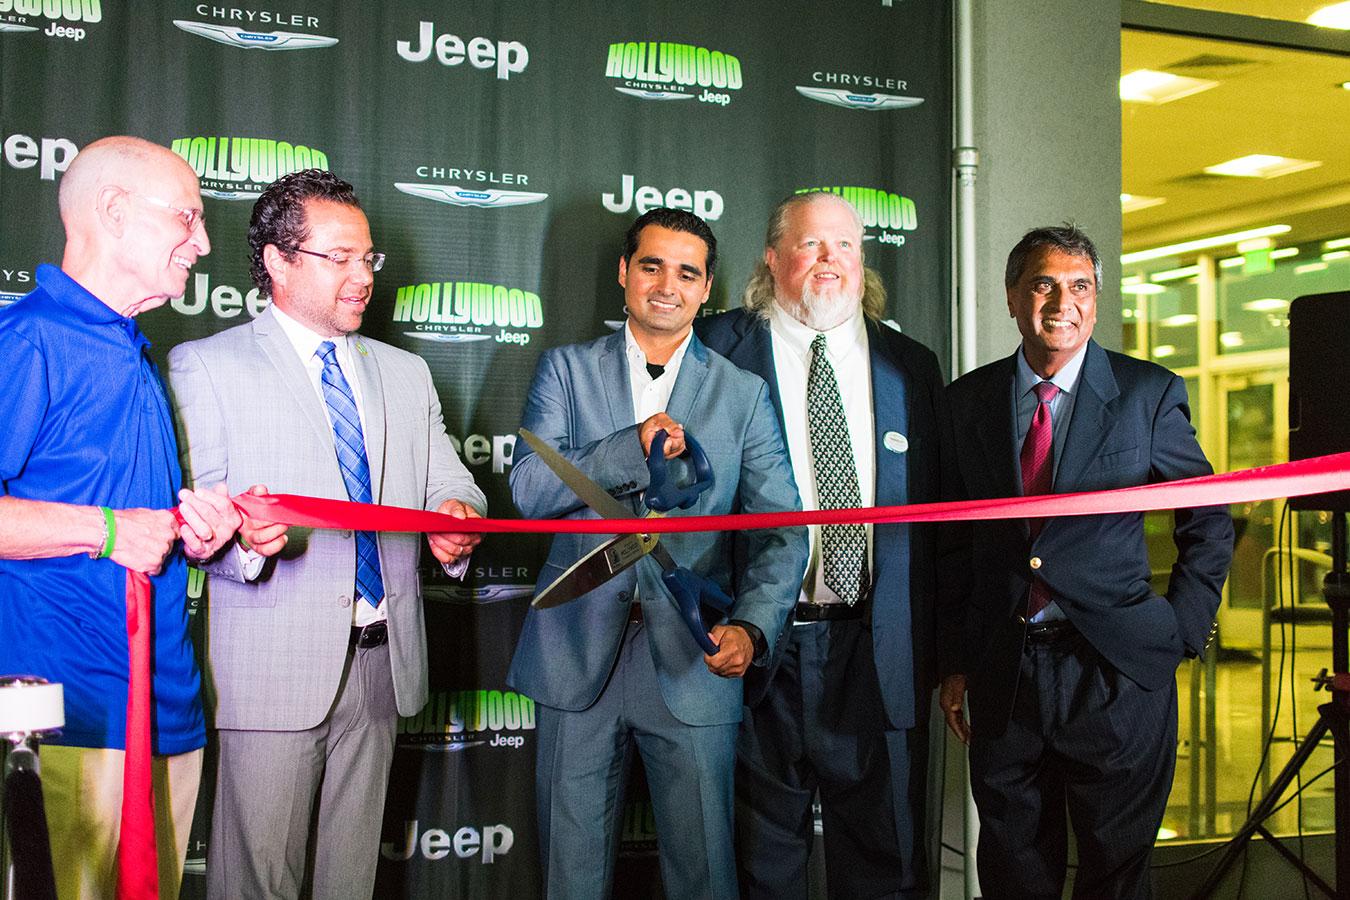 jeep cars bmw chrysler for hollywood series vin fl in dealer sale